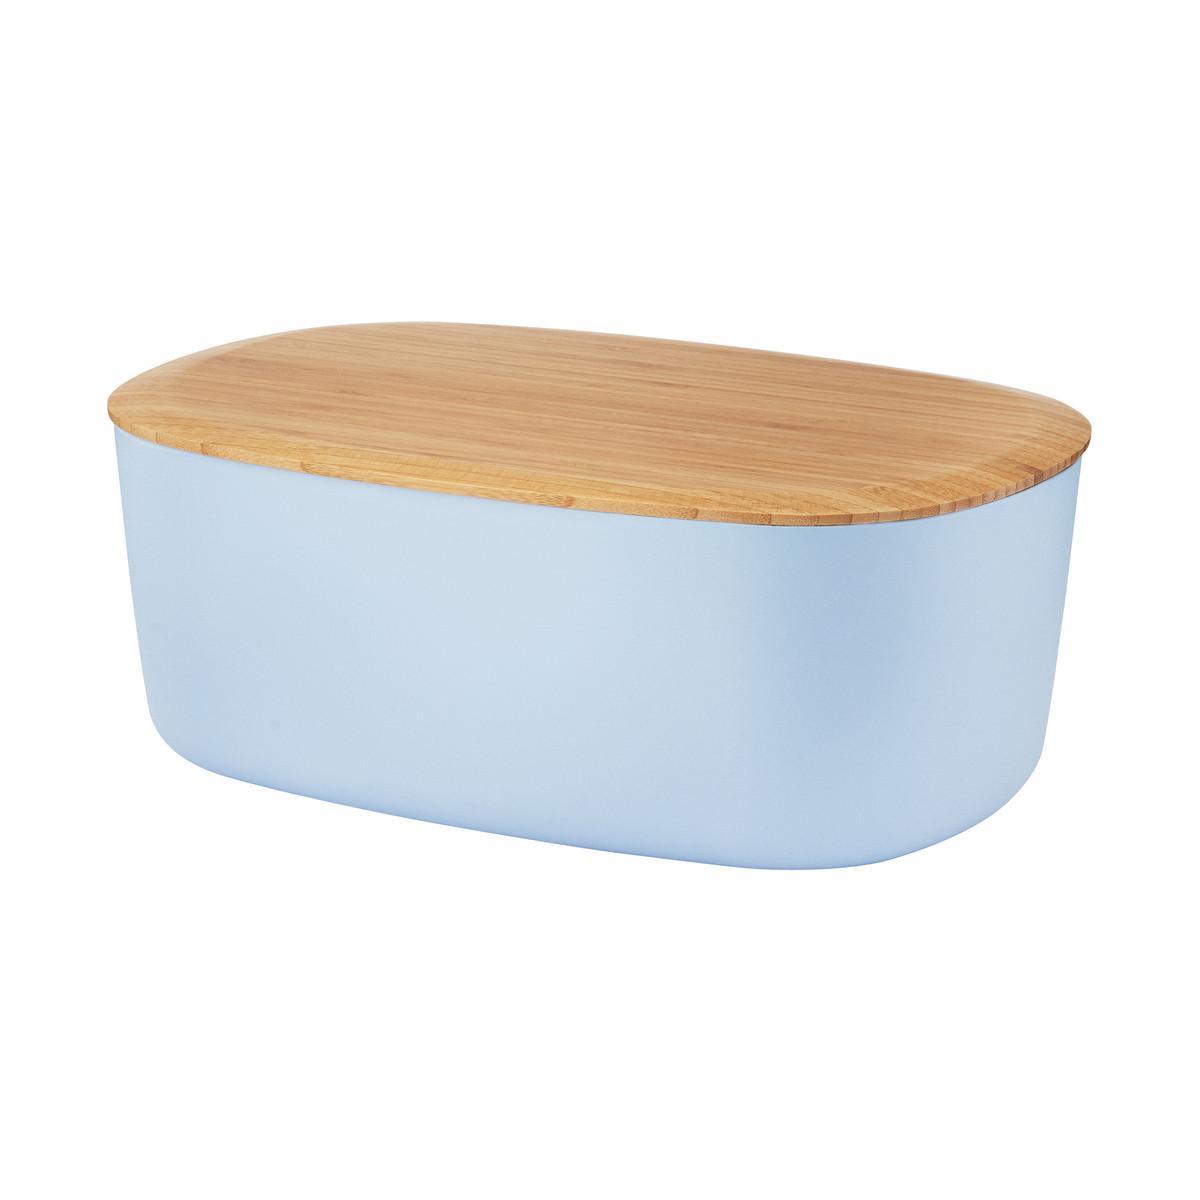 Box-it bread box blue